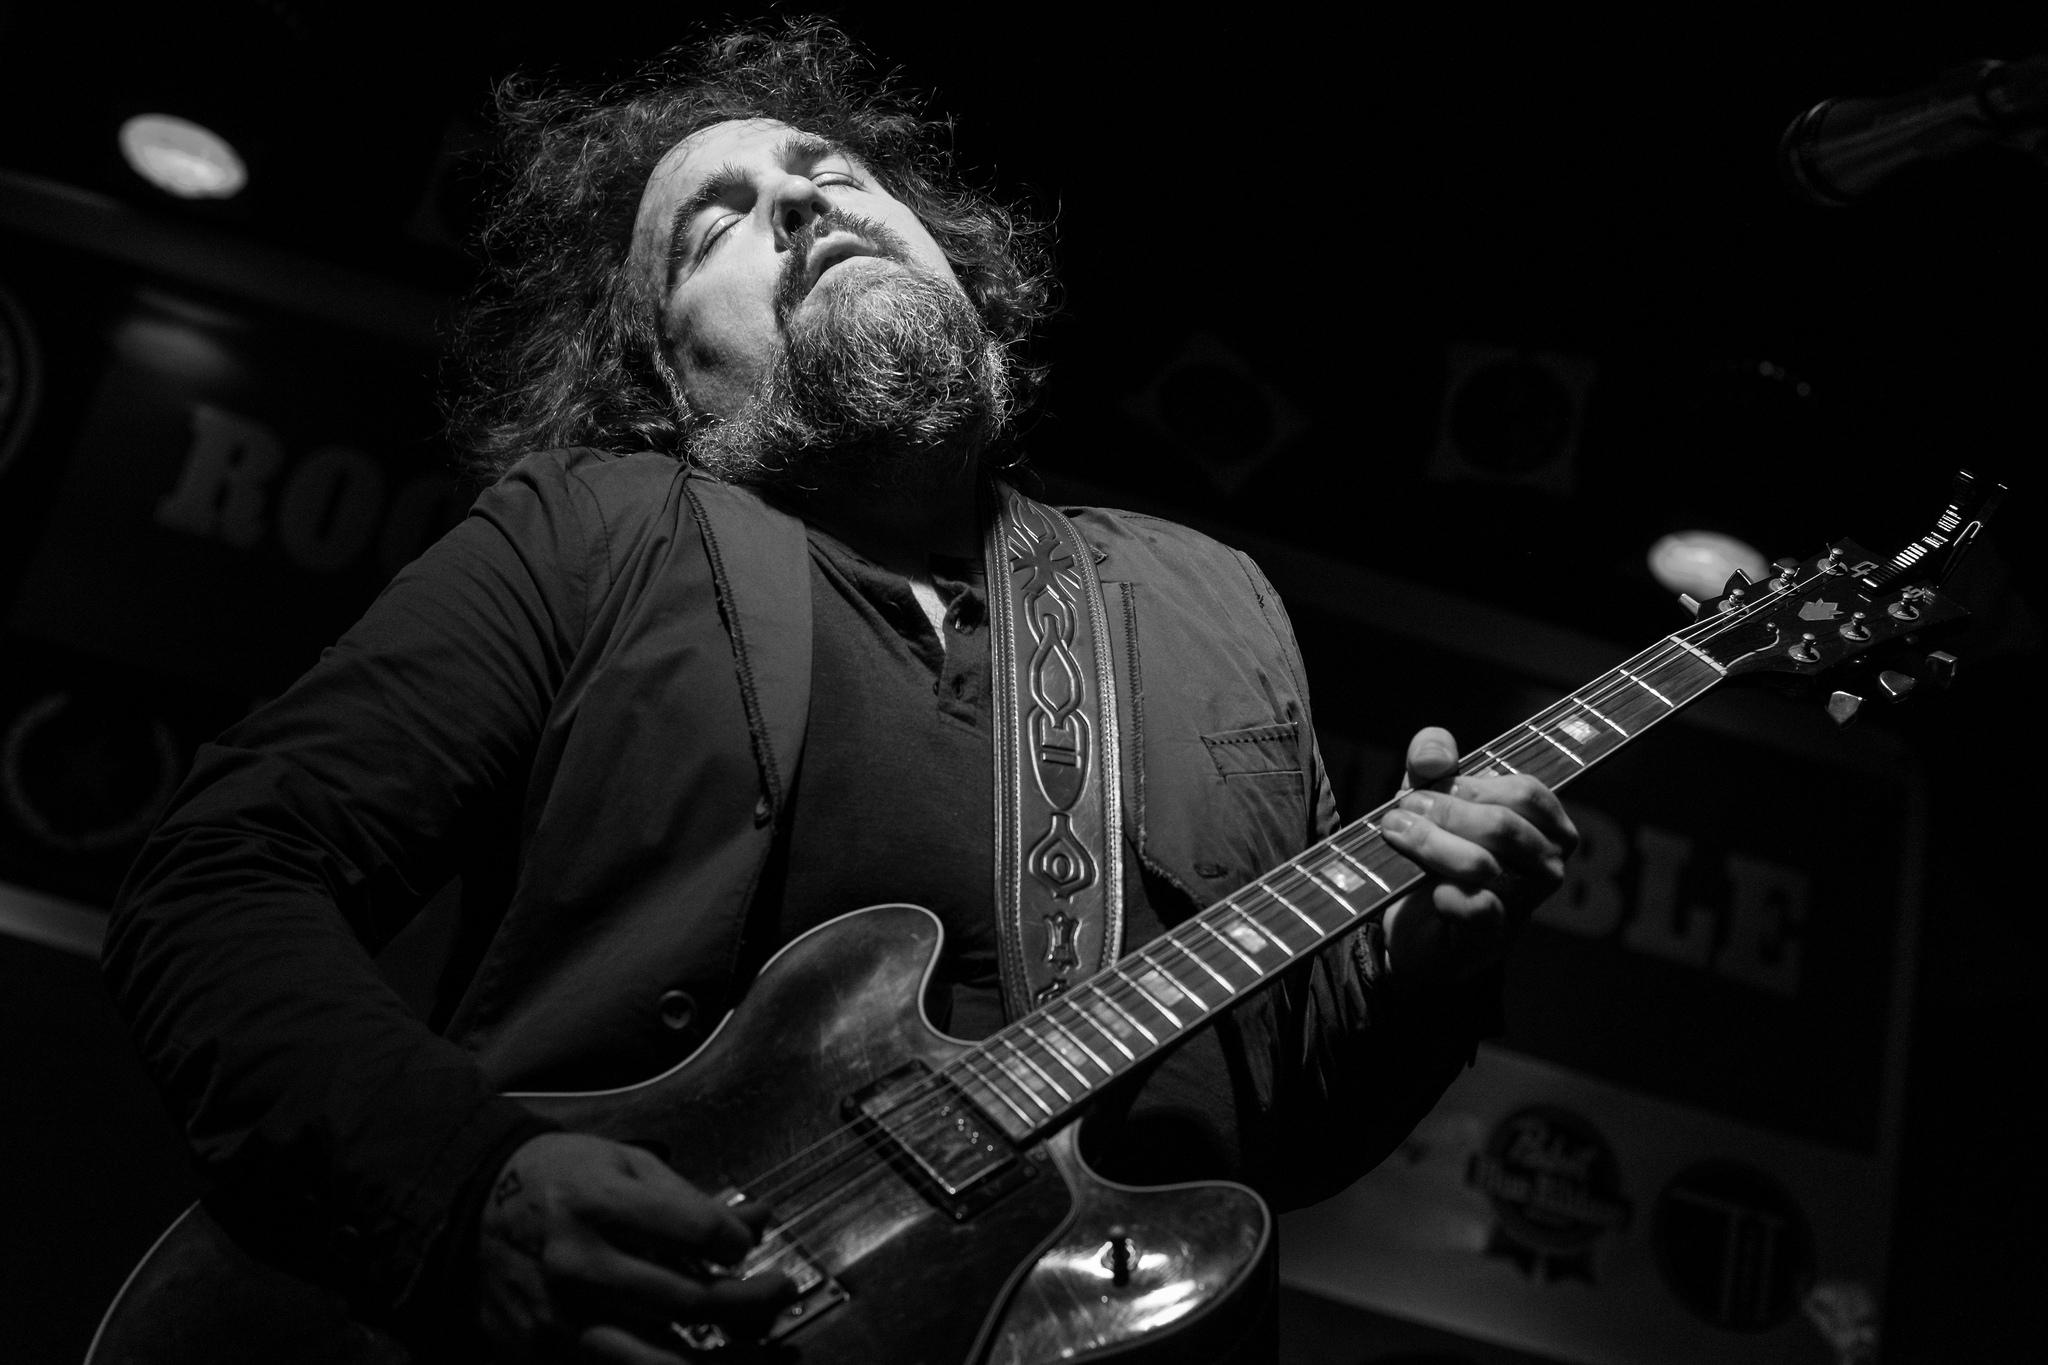 Nate Leavitt by Johnny Anguish - Daykamp Music